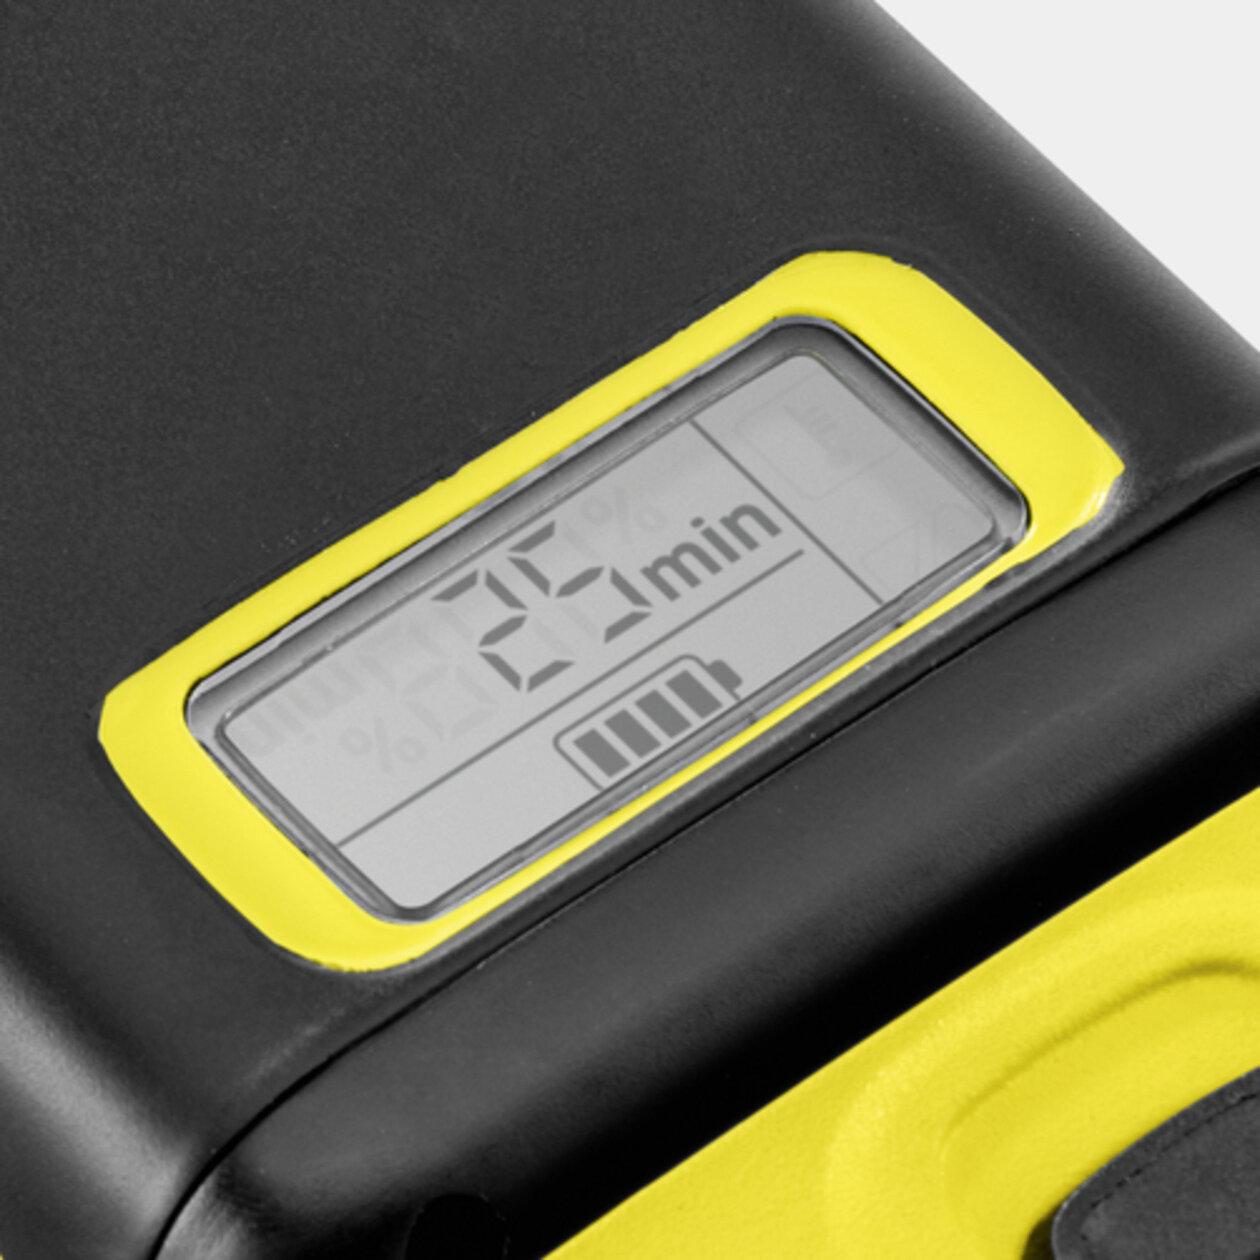 Baterie 36V / 5,0Ah: Inovativní Real Time Technology